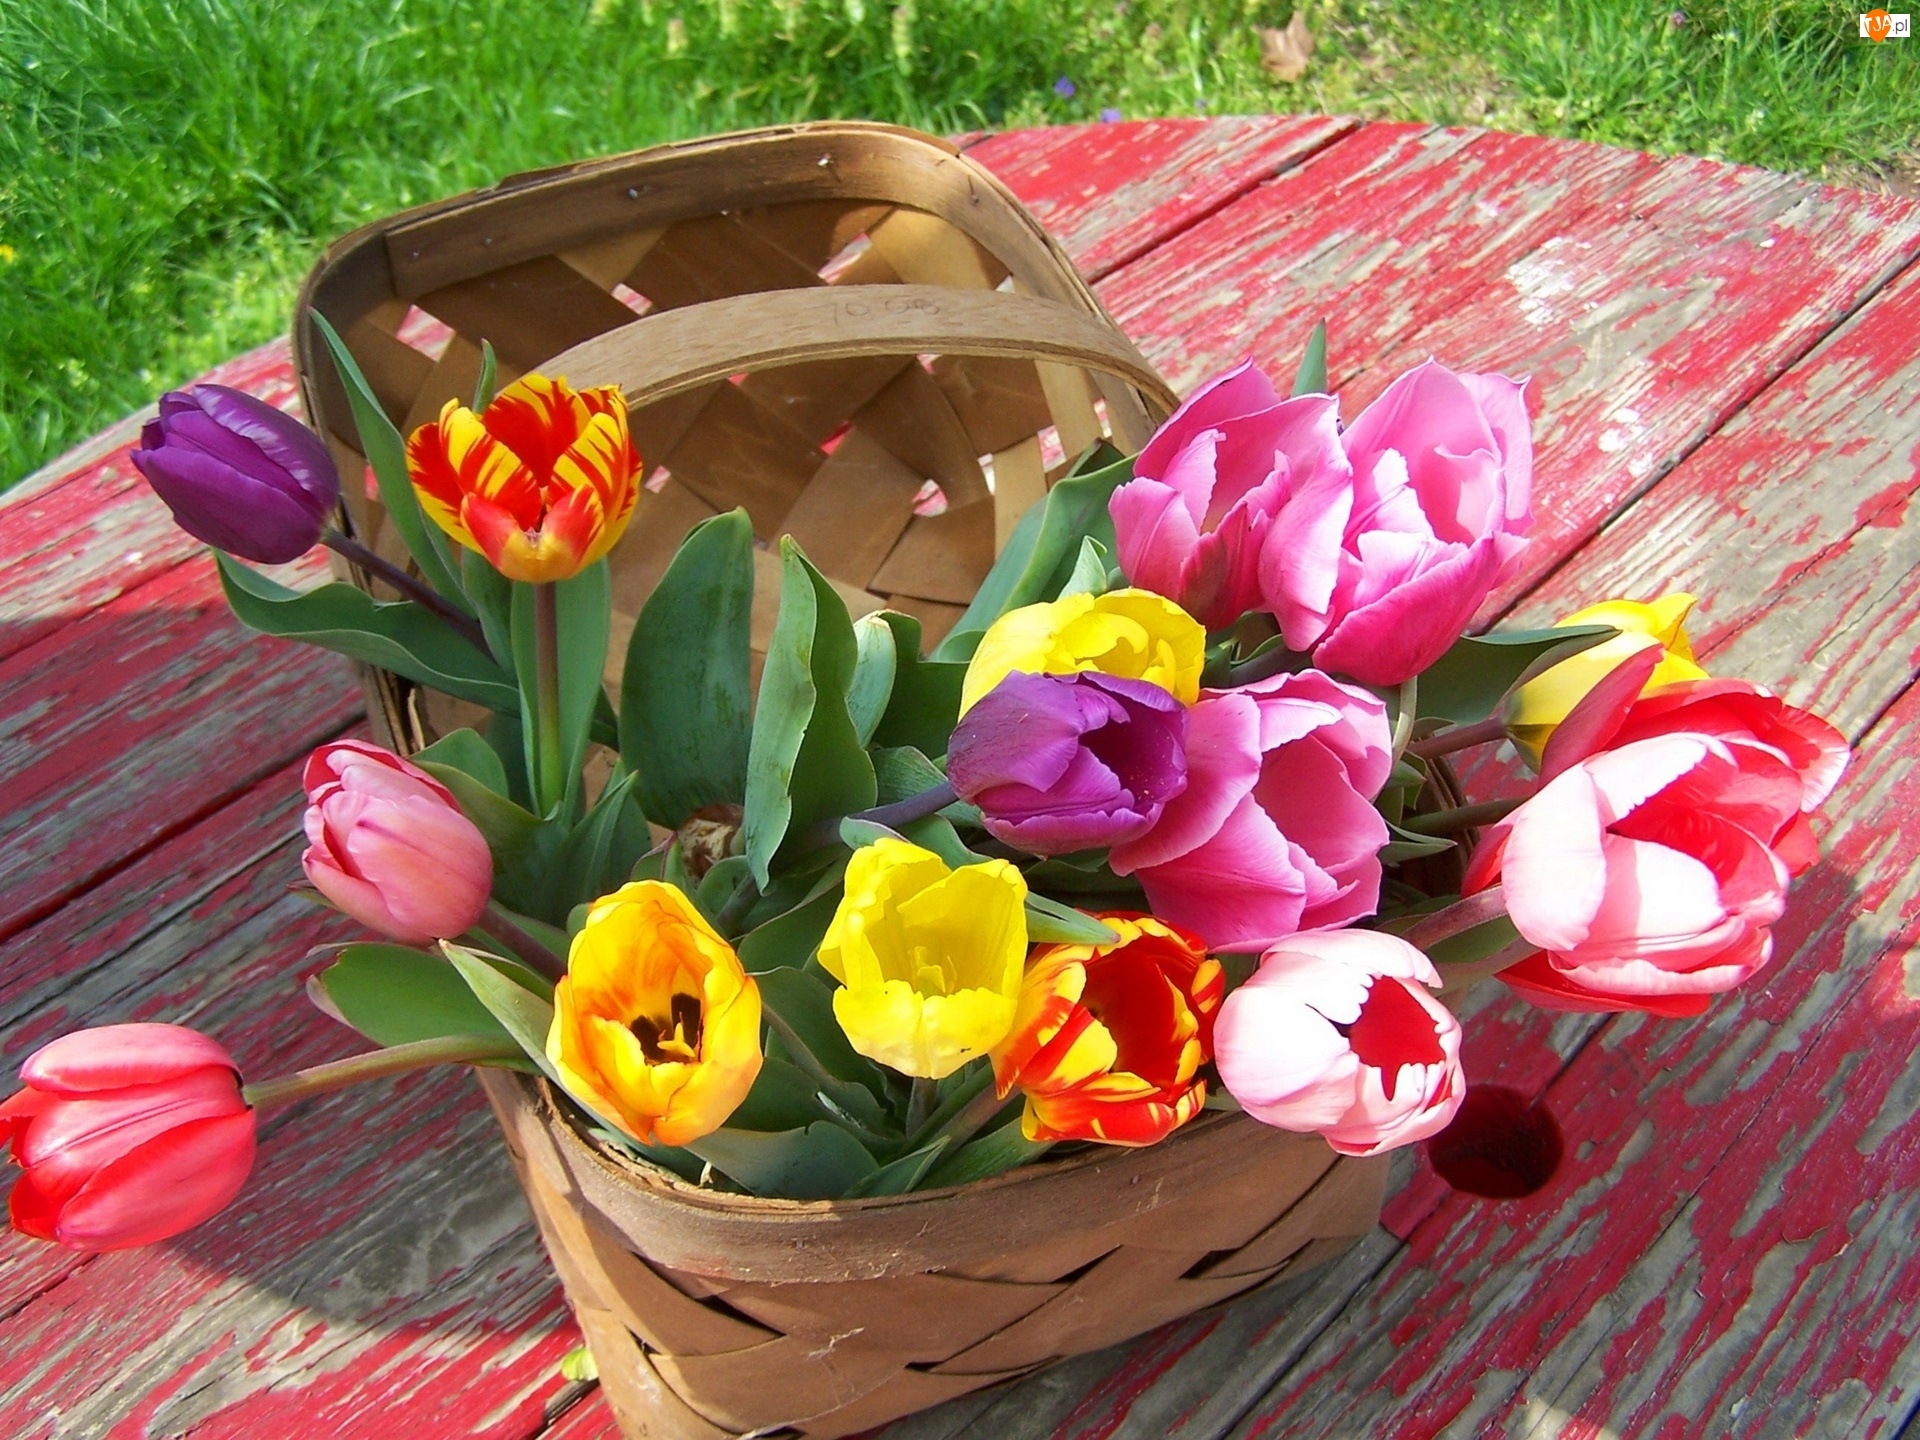 Kolorowe, Stół, Tulipany, Koszyk